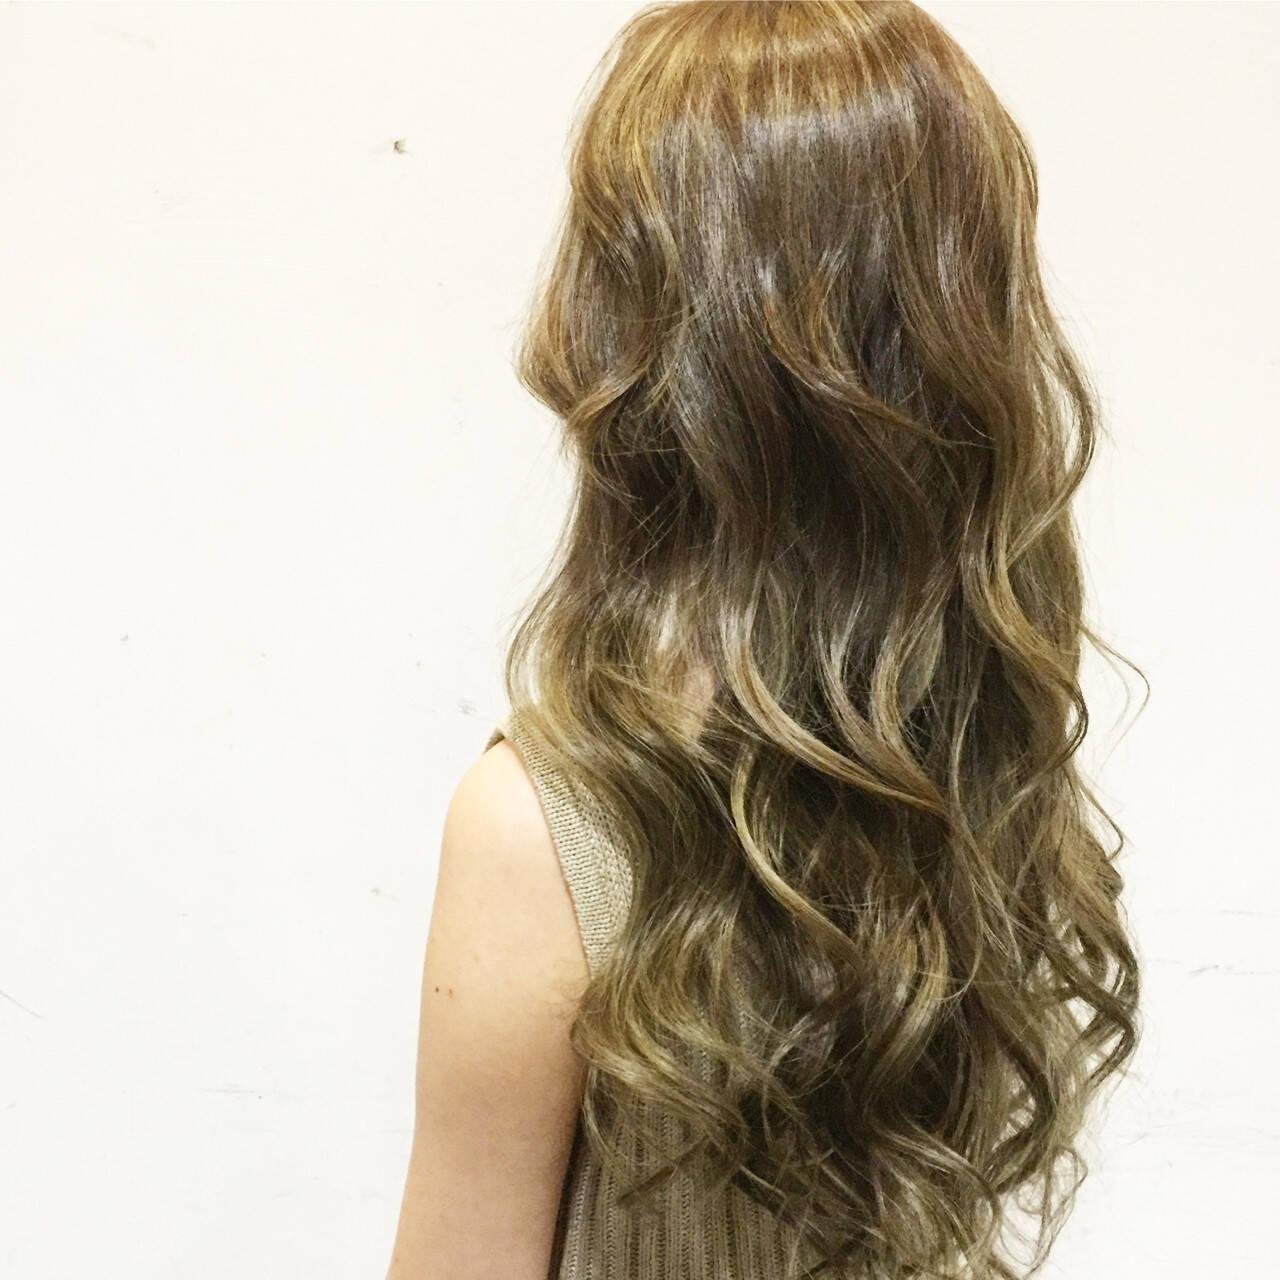 グラデーションカラー 外国人風 ベージュ ロングヘアスタイルや髪型の写真・画像